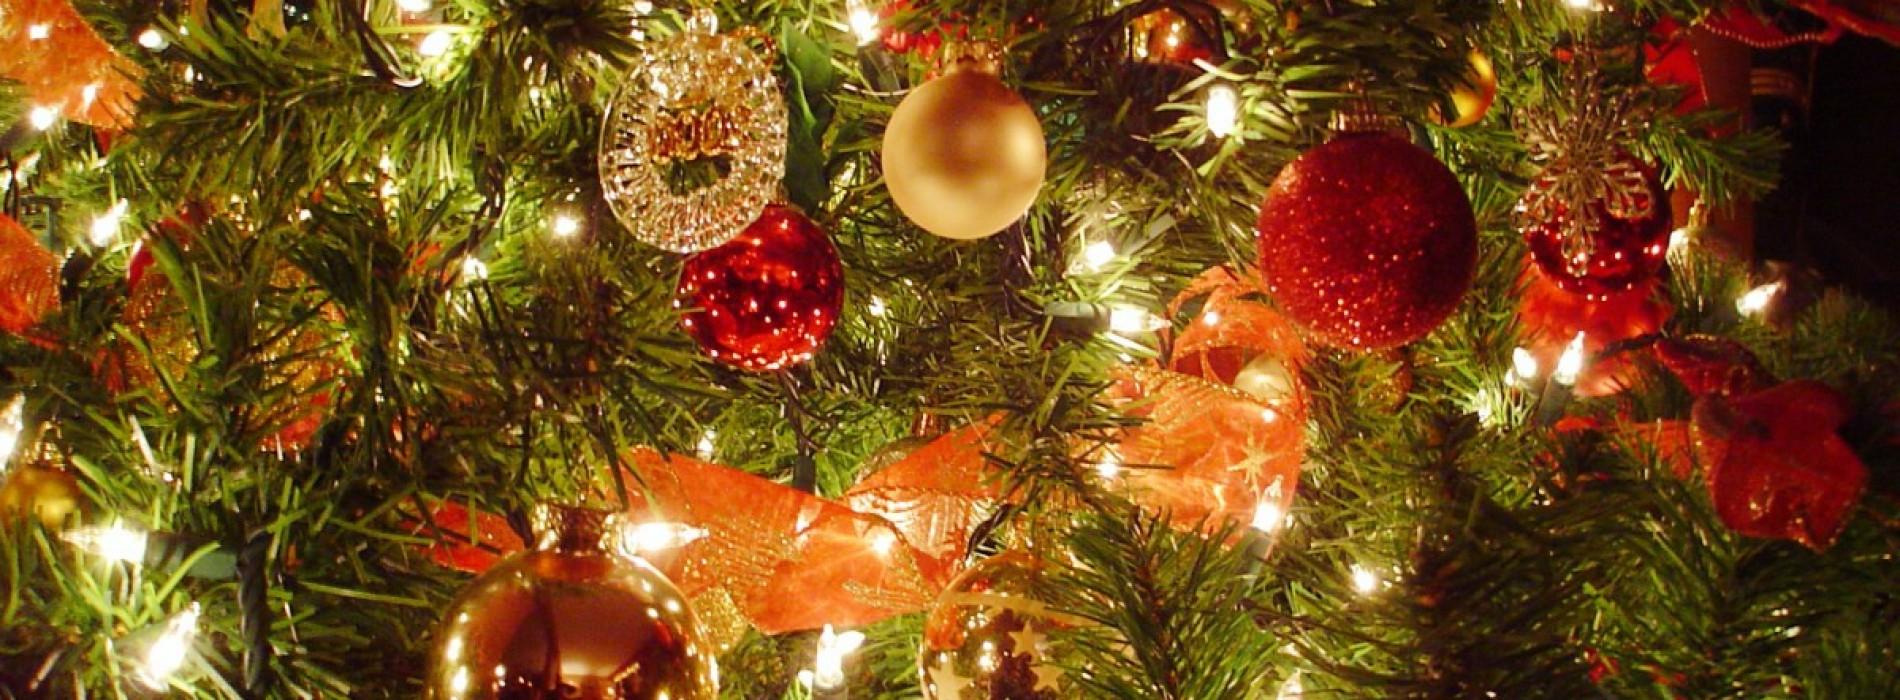 Bradul de Crăciun trebuie să ne spună o poveste!